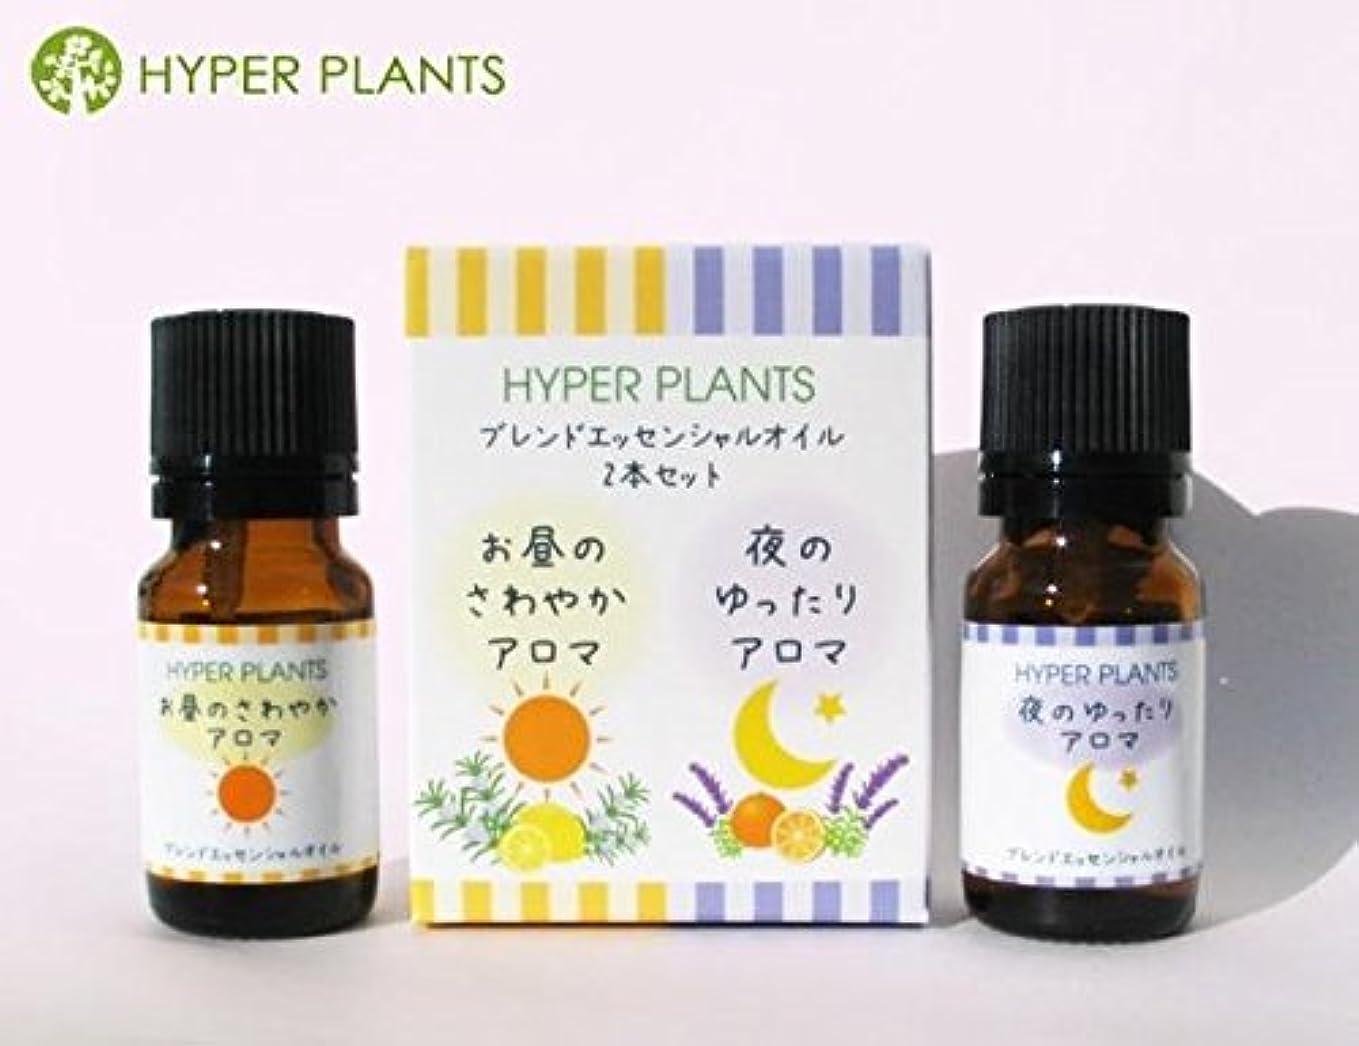 スーパーマーケット乙女人事HYPER PLANTS ブレンドエッセンシャルオイル 昼夜2本セット